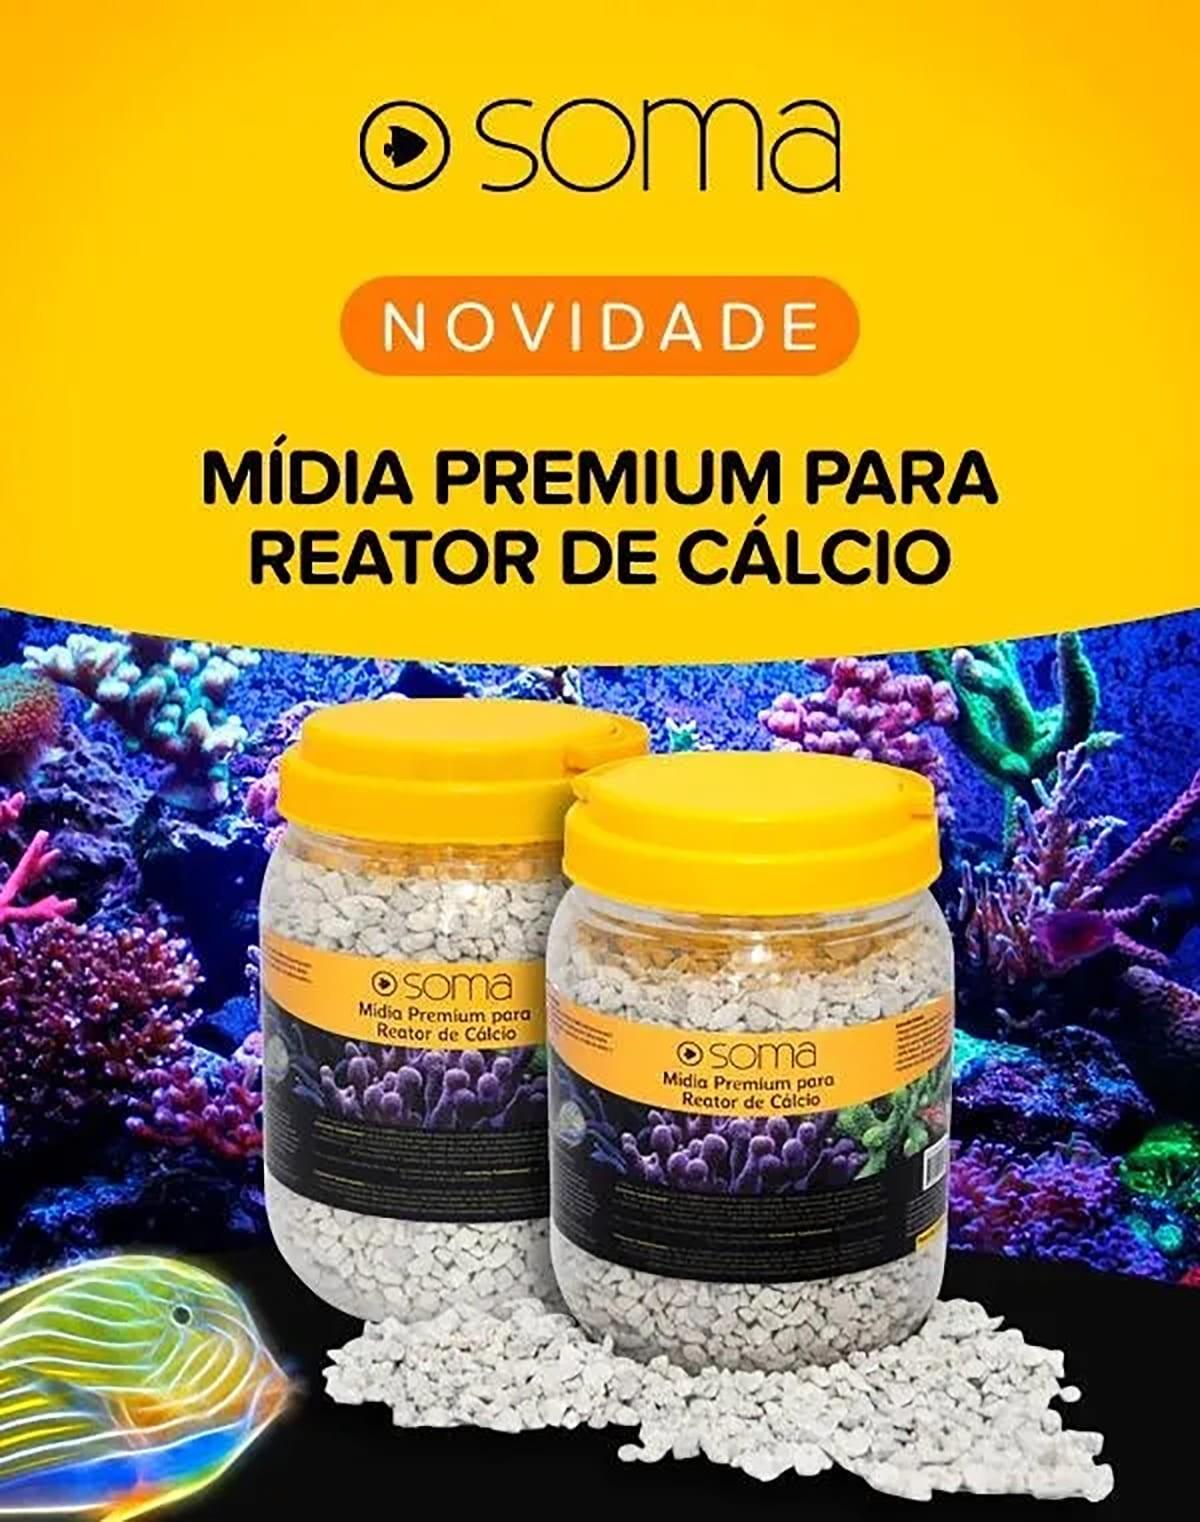 Mídia Premium para Reator de Cálcio Soma Premium 2,2kg